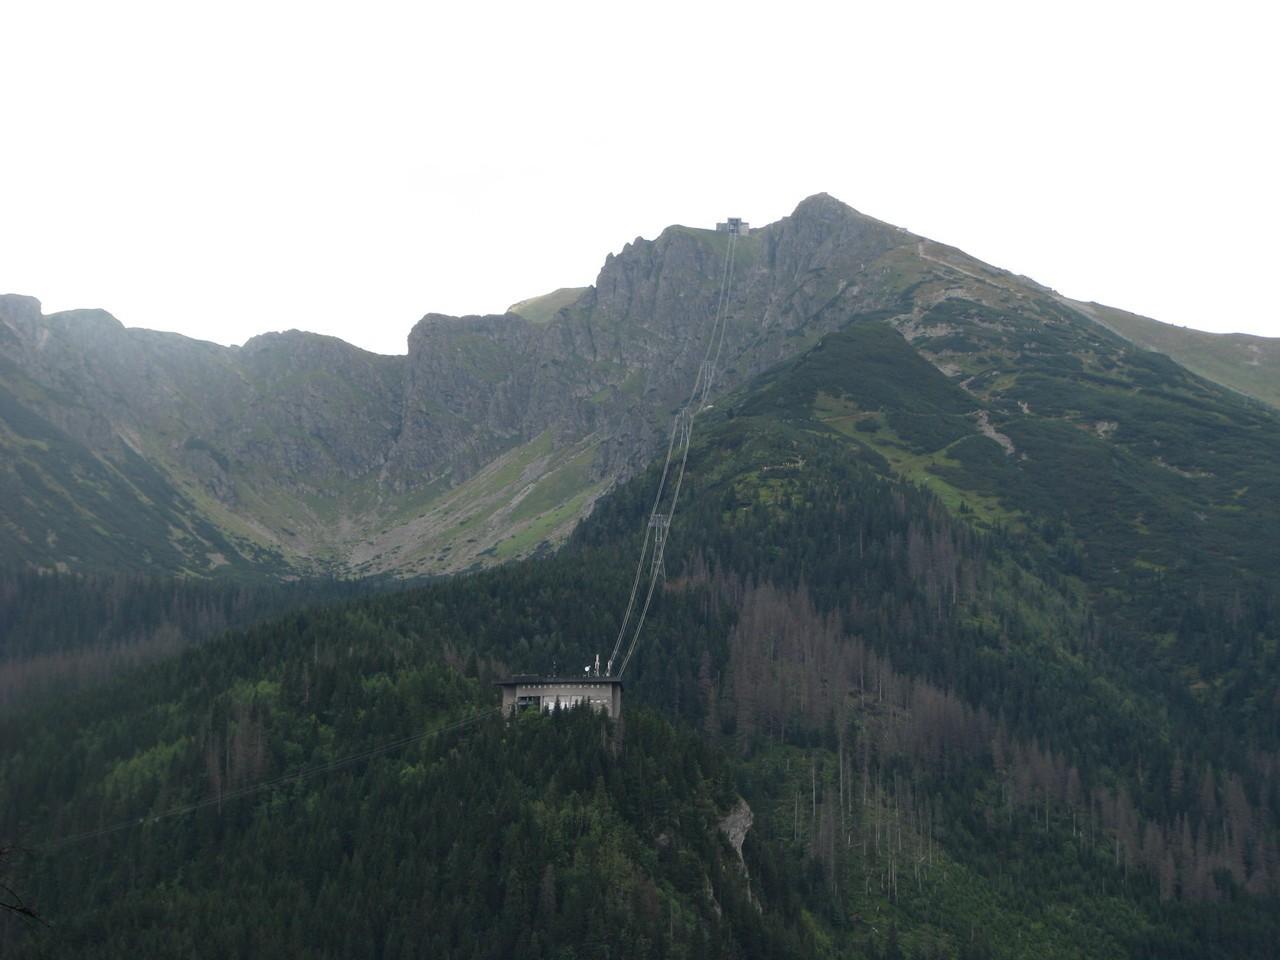 Najbardziej niebezpieczny szlak górski we Francji